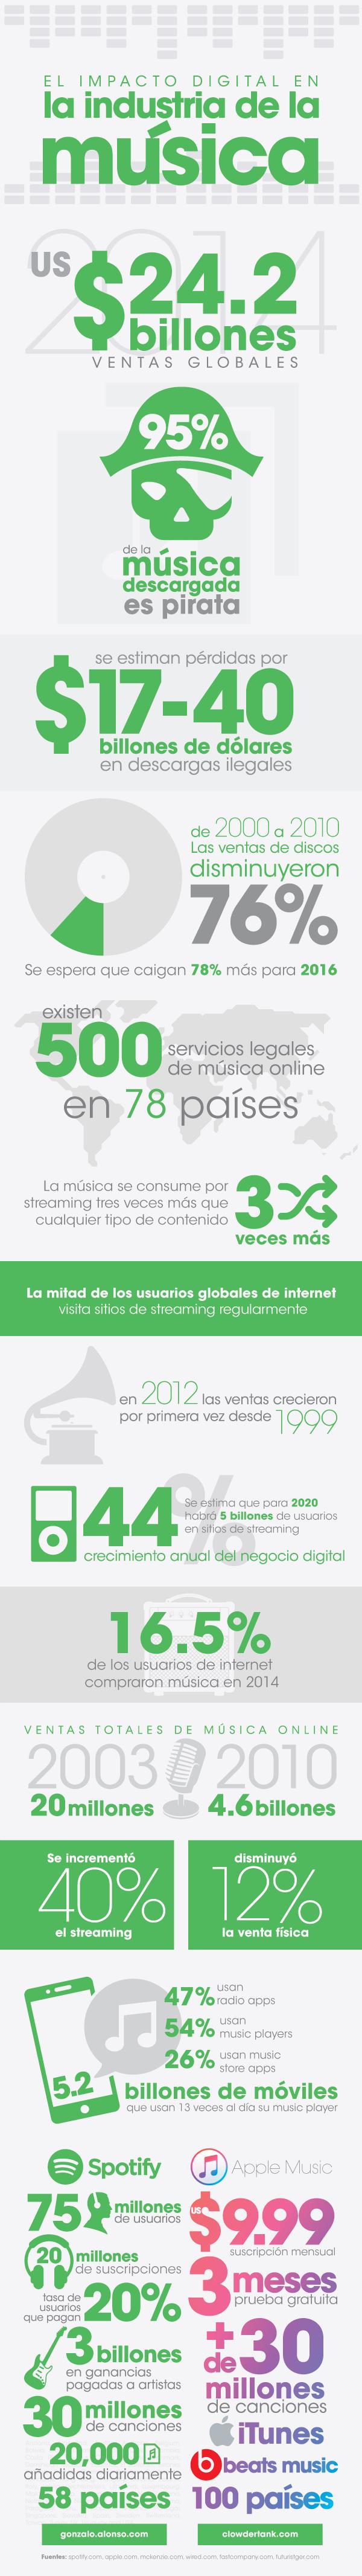 impacto-musica-digital-123